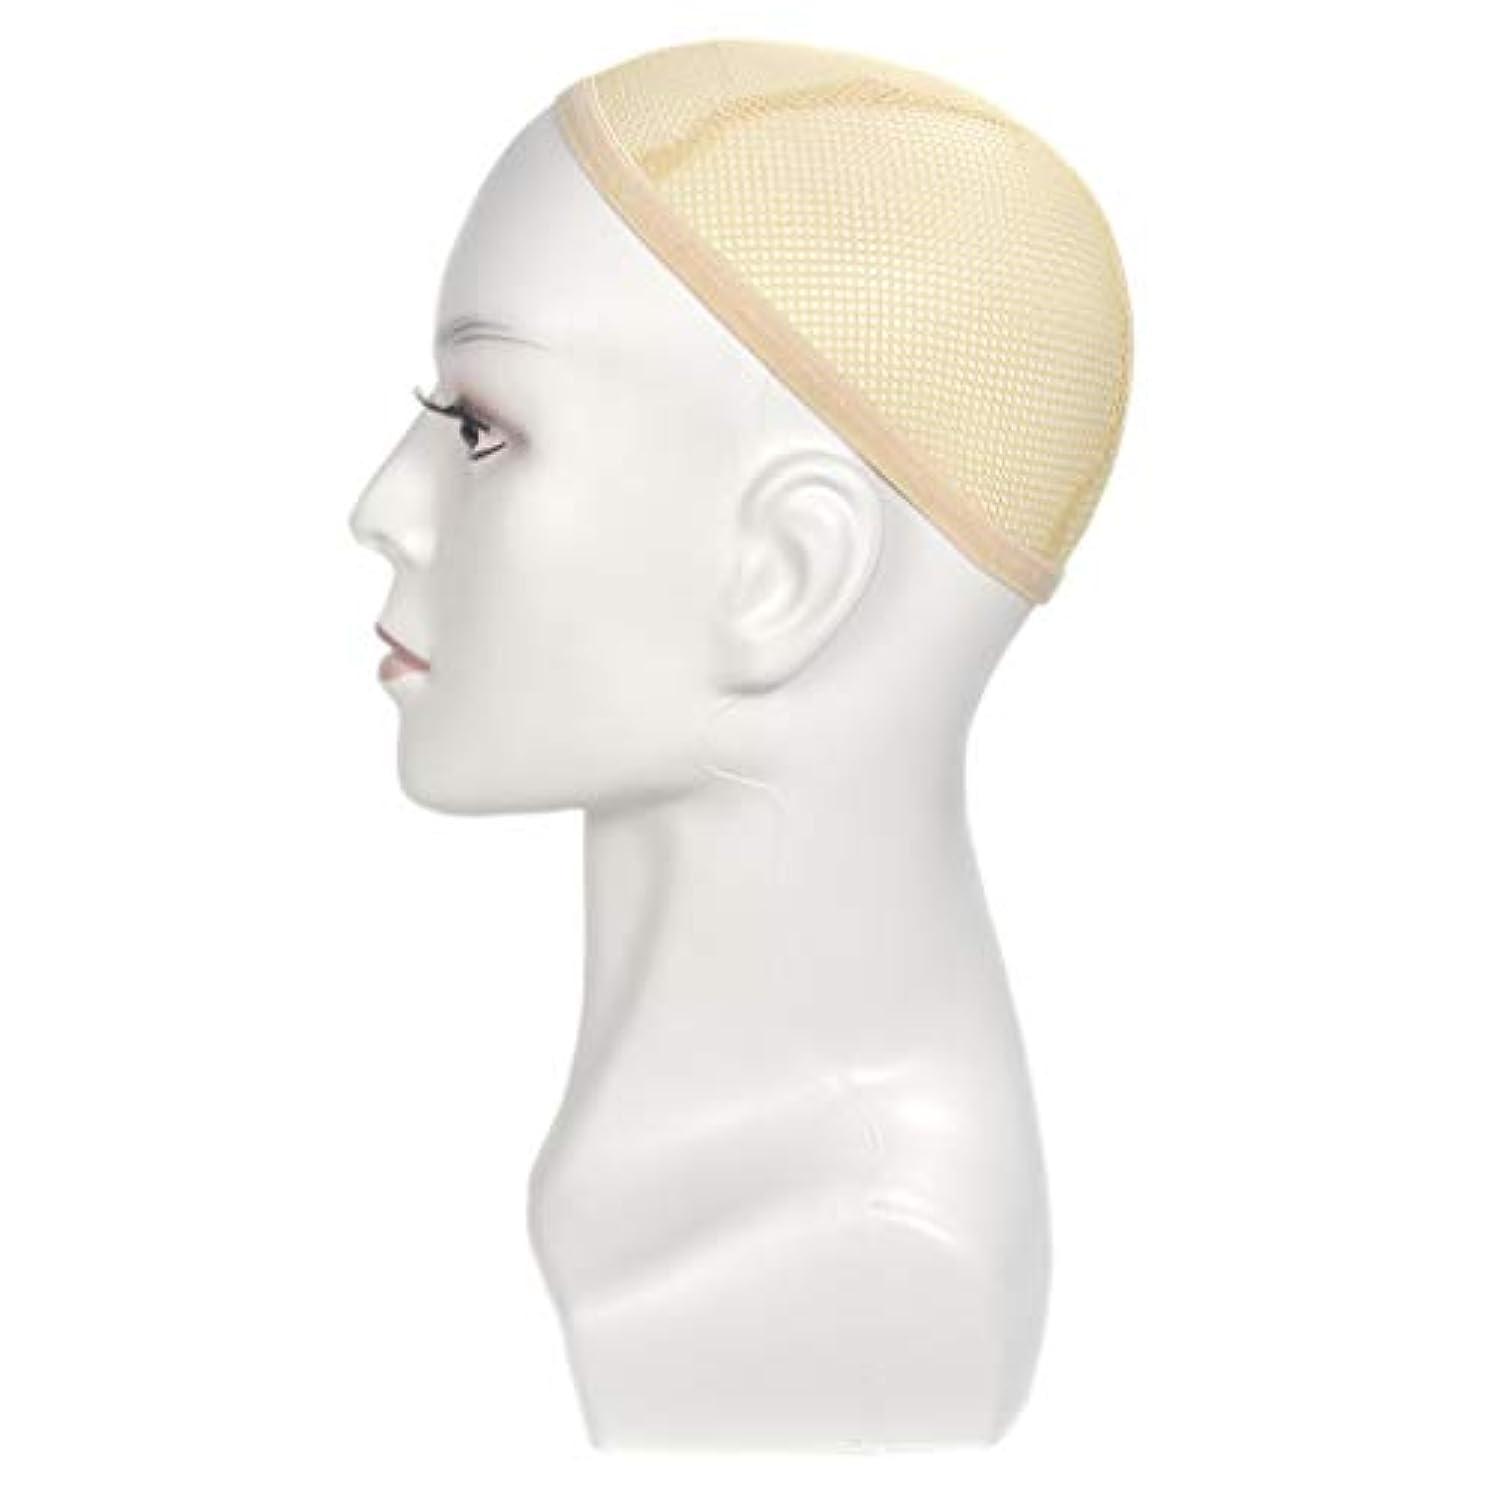 にぎやかプロペラボーナスマネキンヘッド ディスプレイ メイクトレーニング 化粧 美容 店舗 自宅 サロン 全2色 - 白